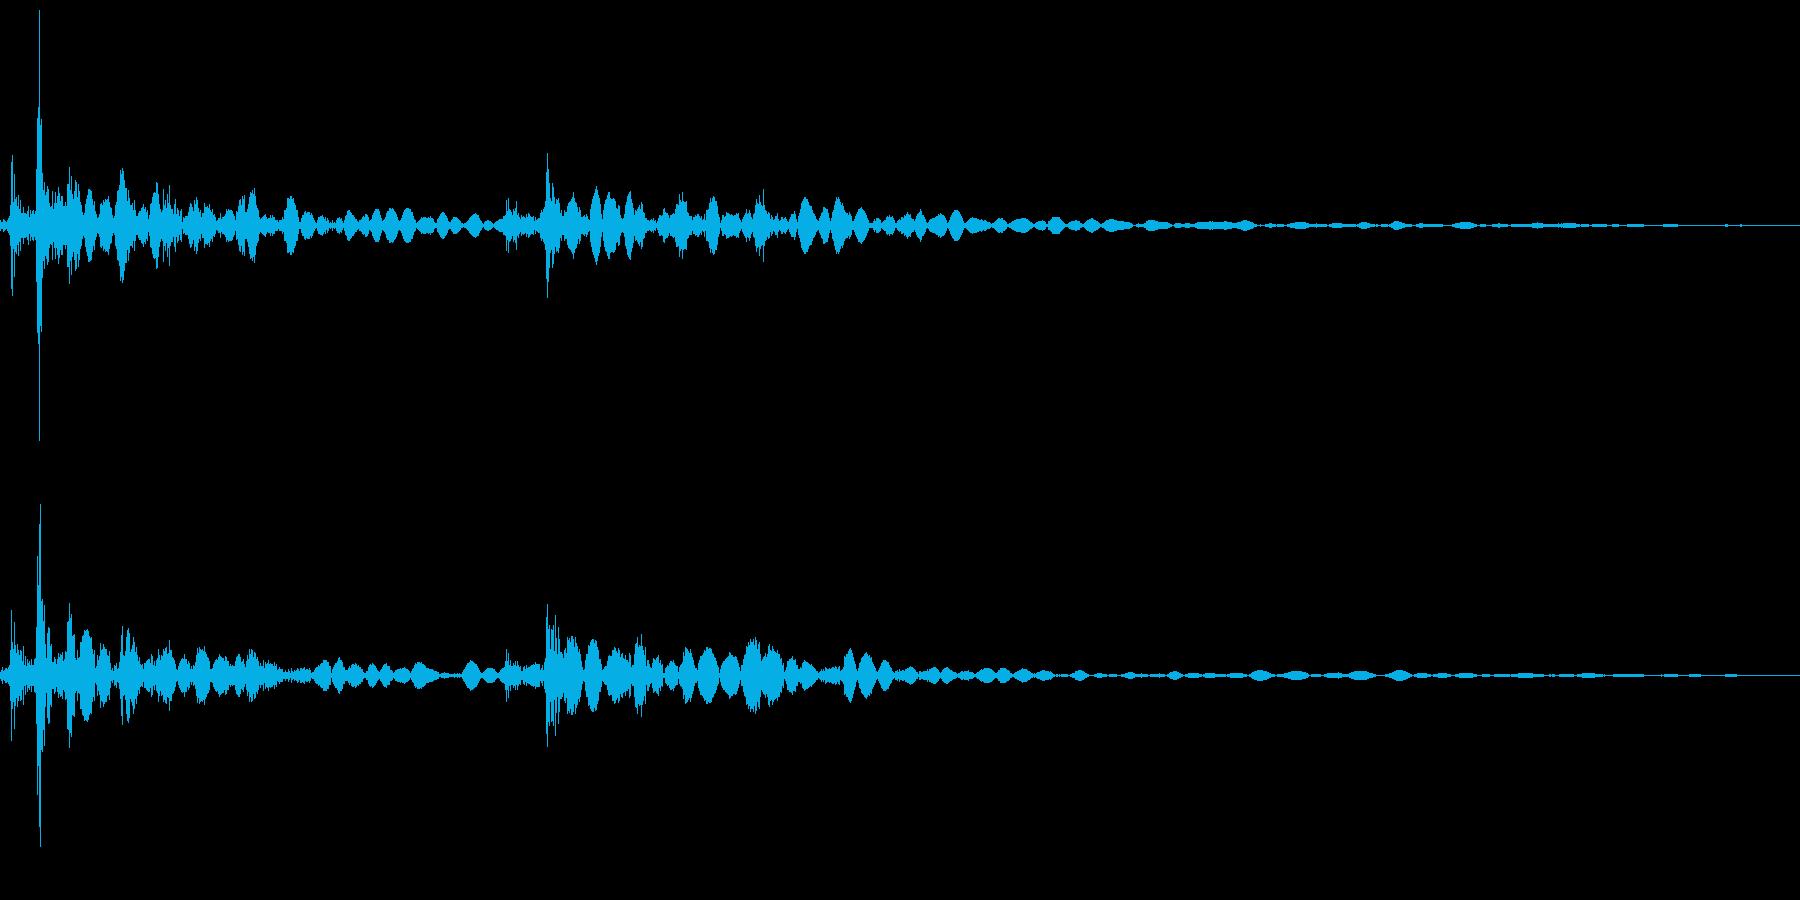 カチャ!キーボード,ボタンを押す効果音2の再生済みの波形